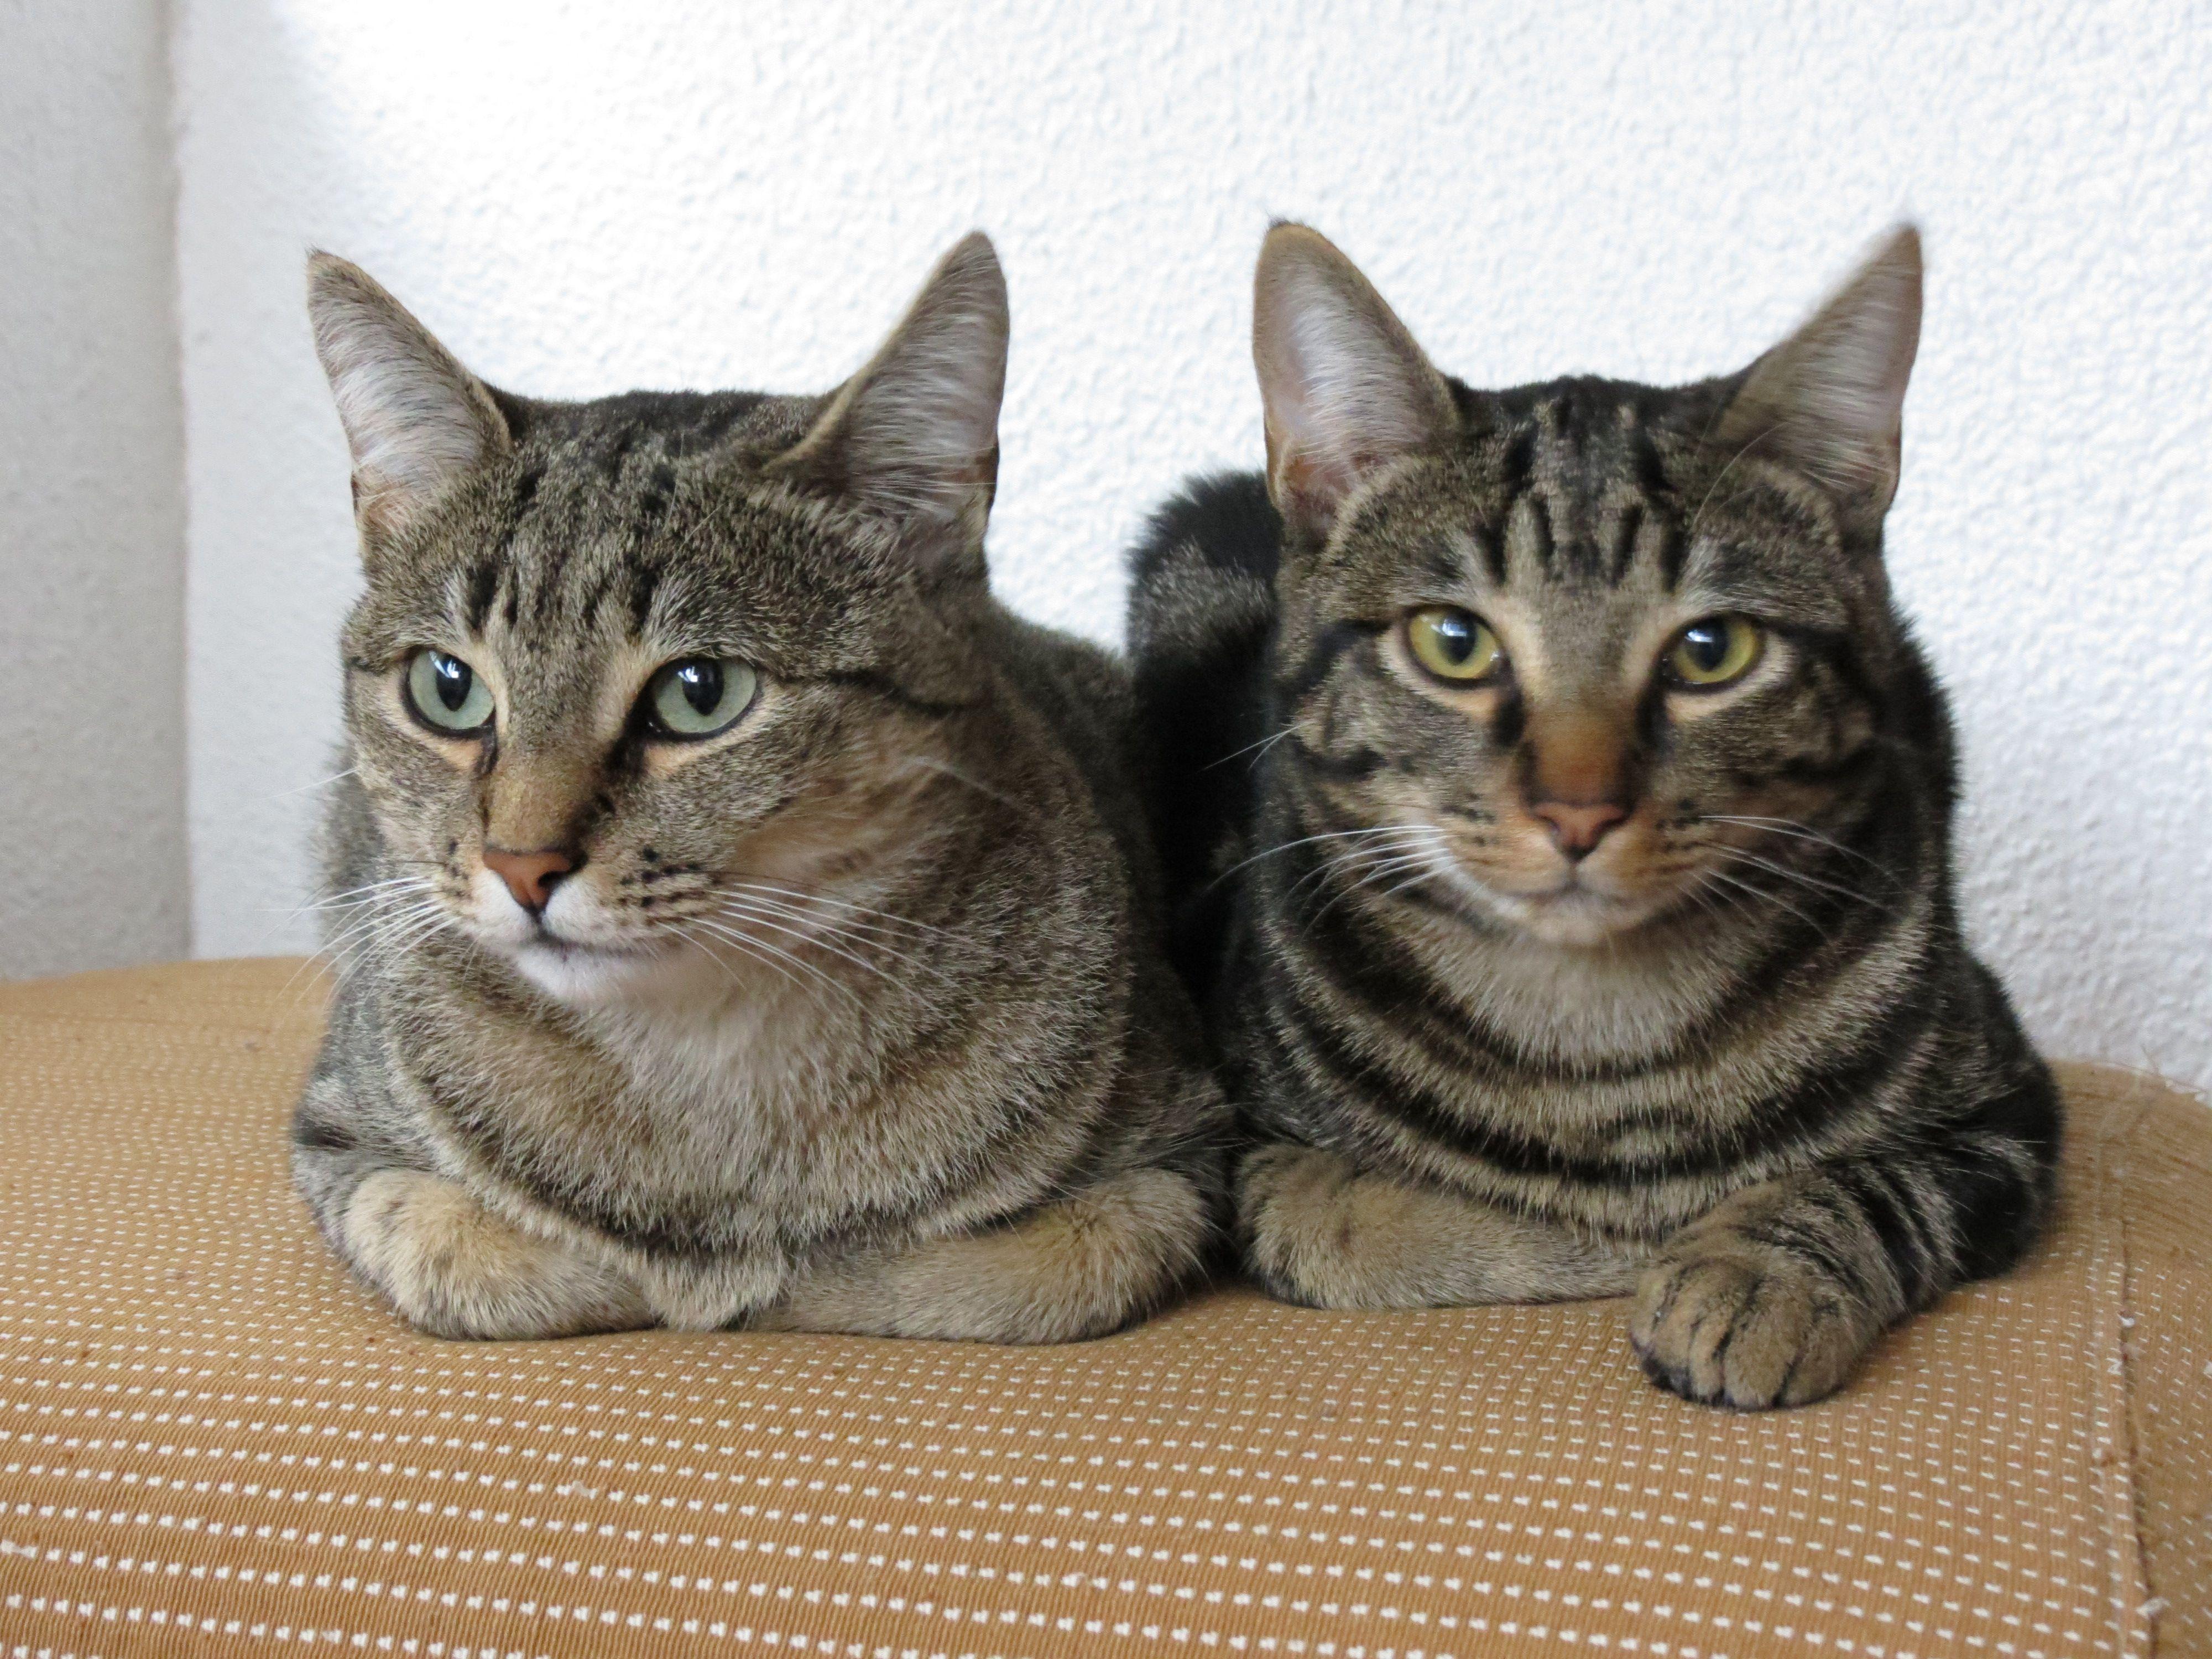 os meus queridos gatos  cleo e chita deitados no colchao.